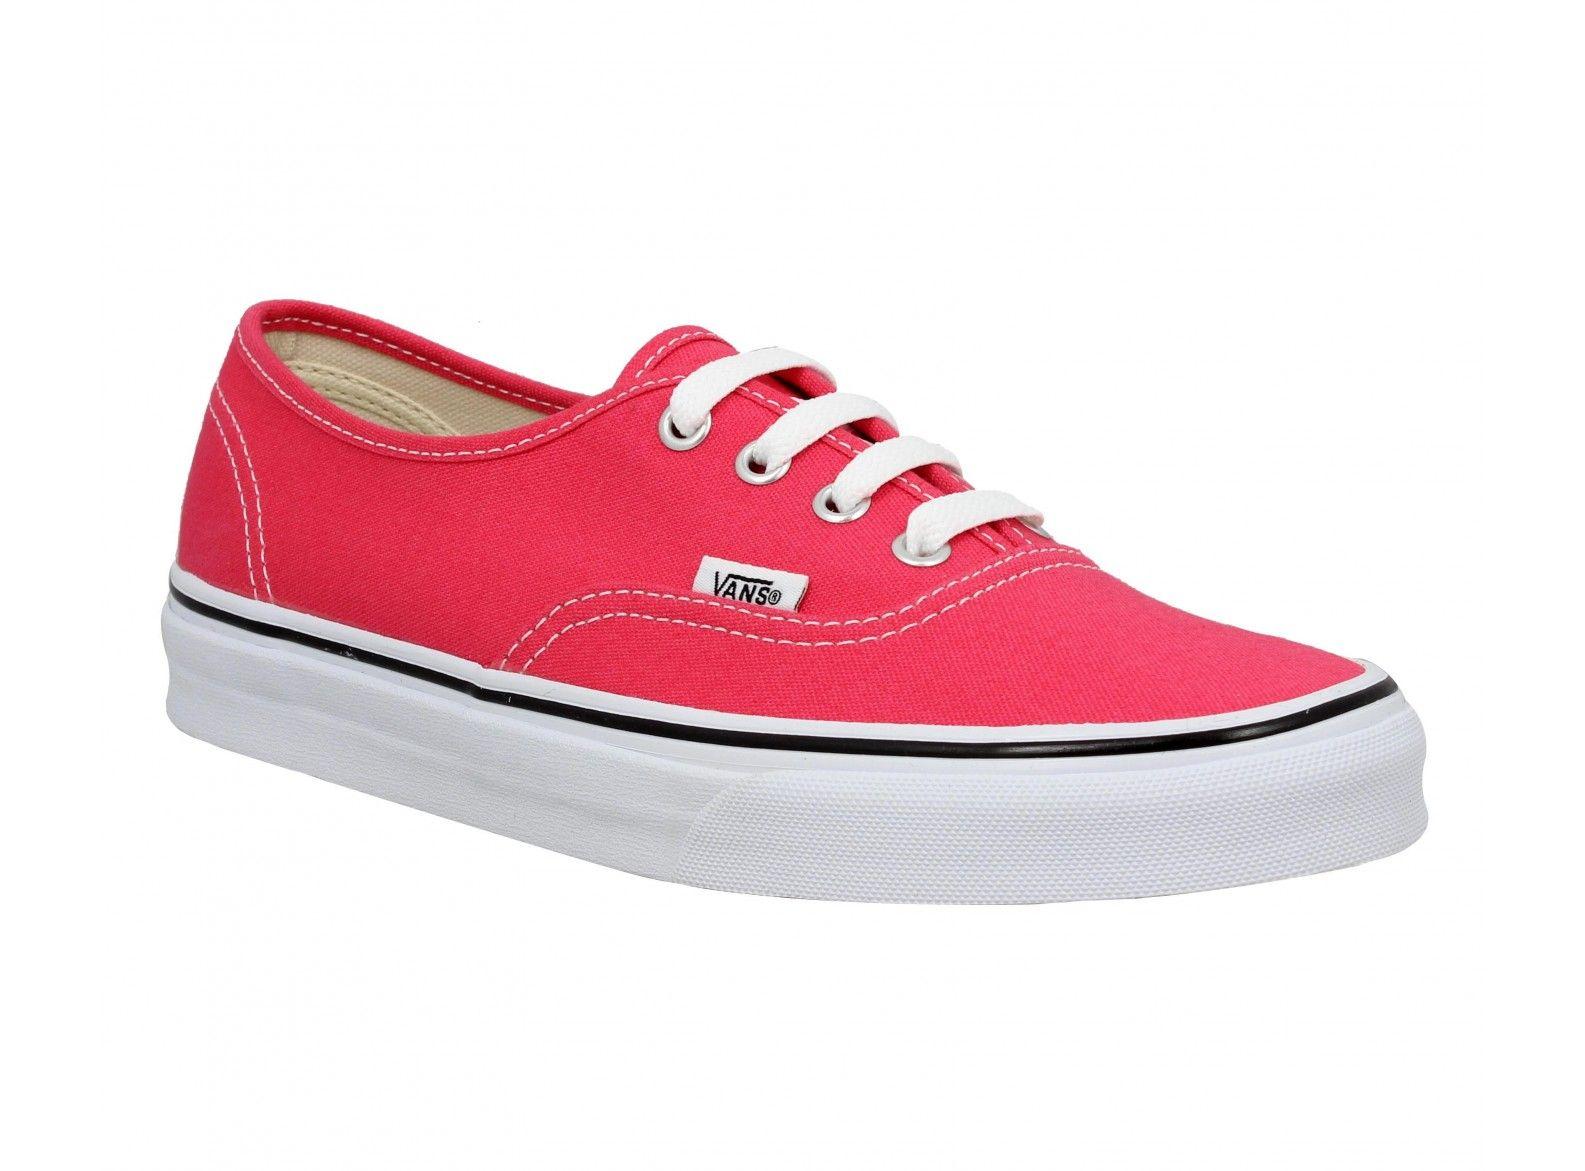 Chaussures pour femme Vans | Fanny chaussures